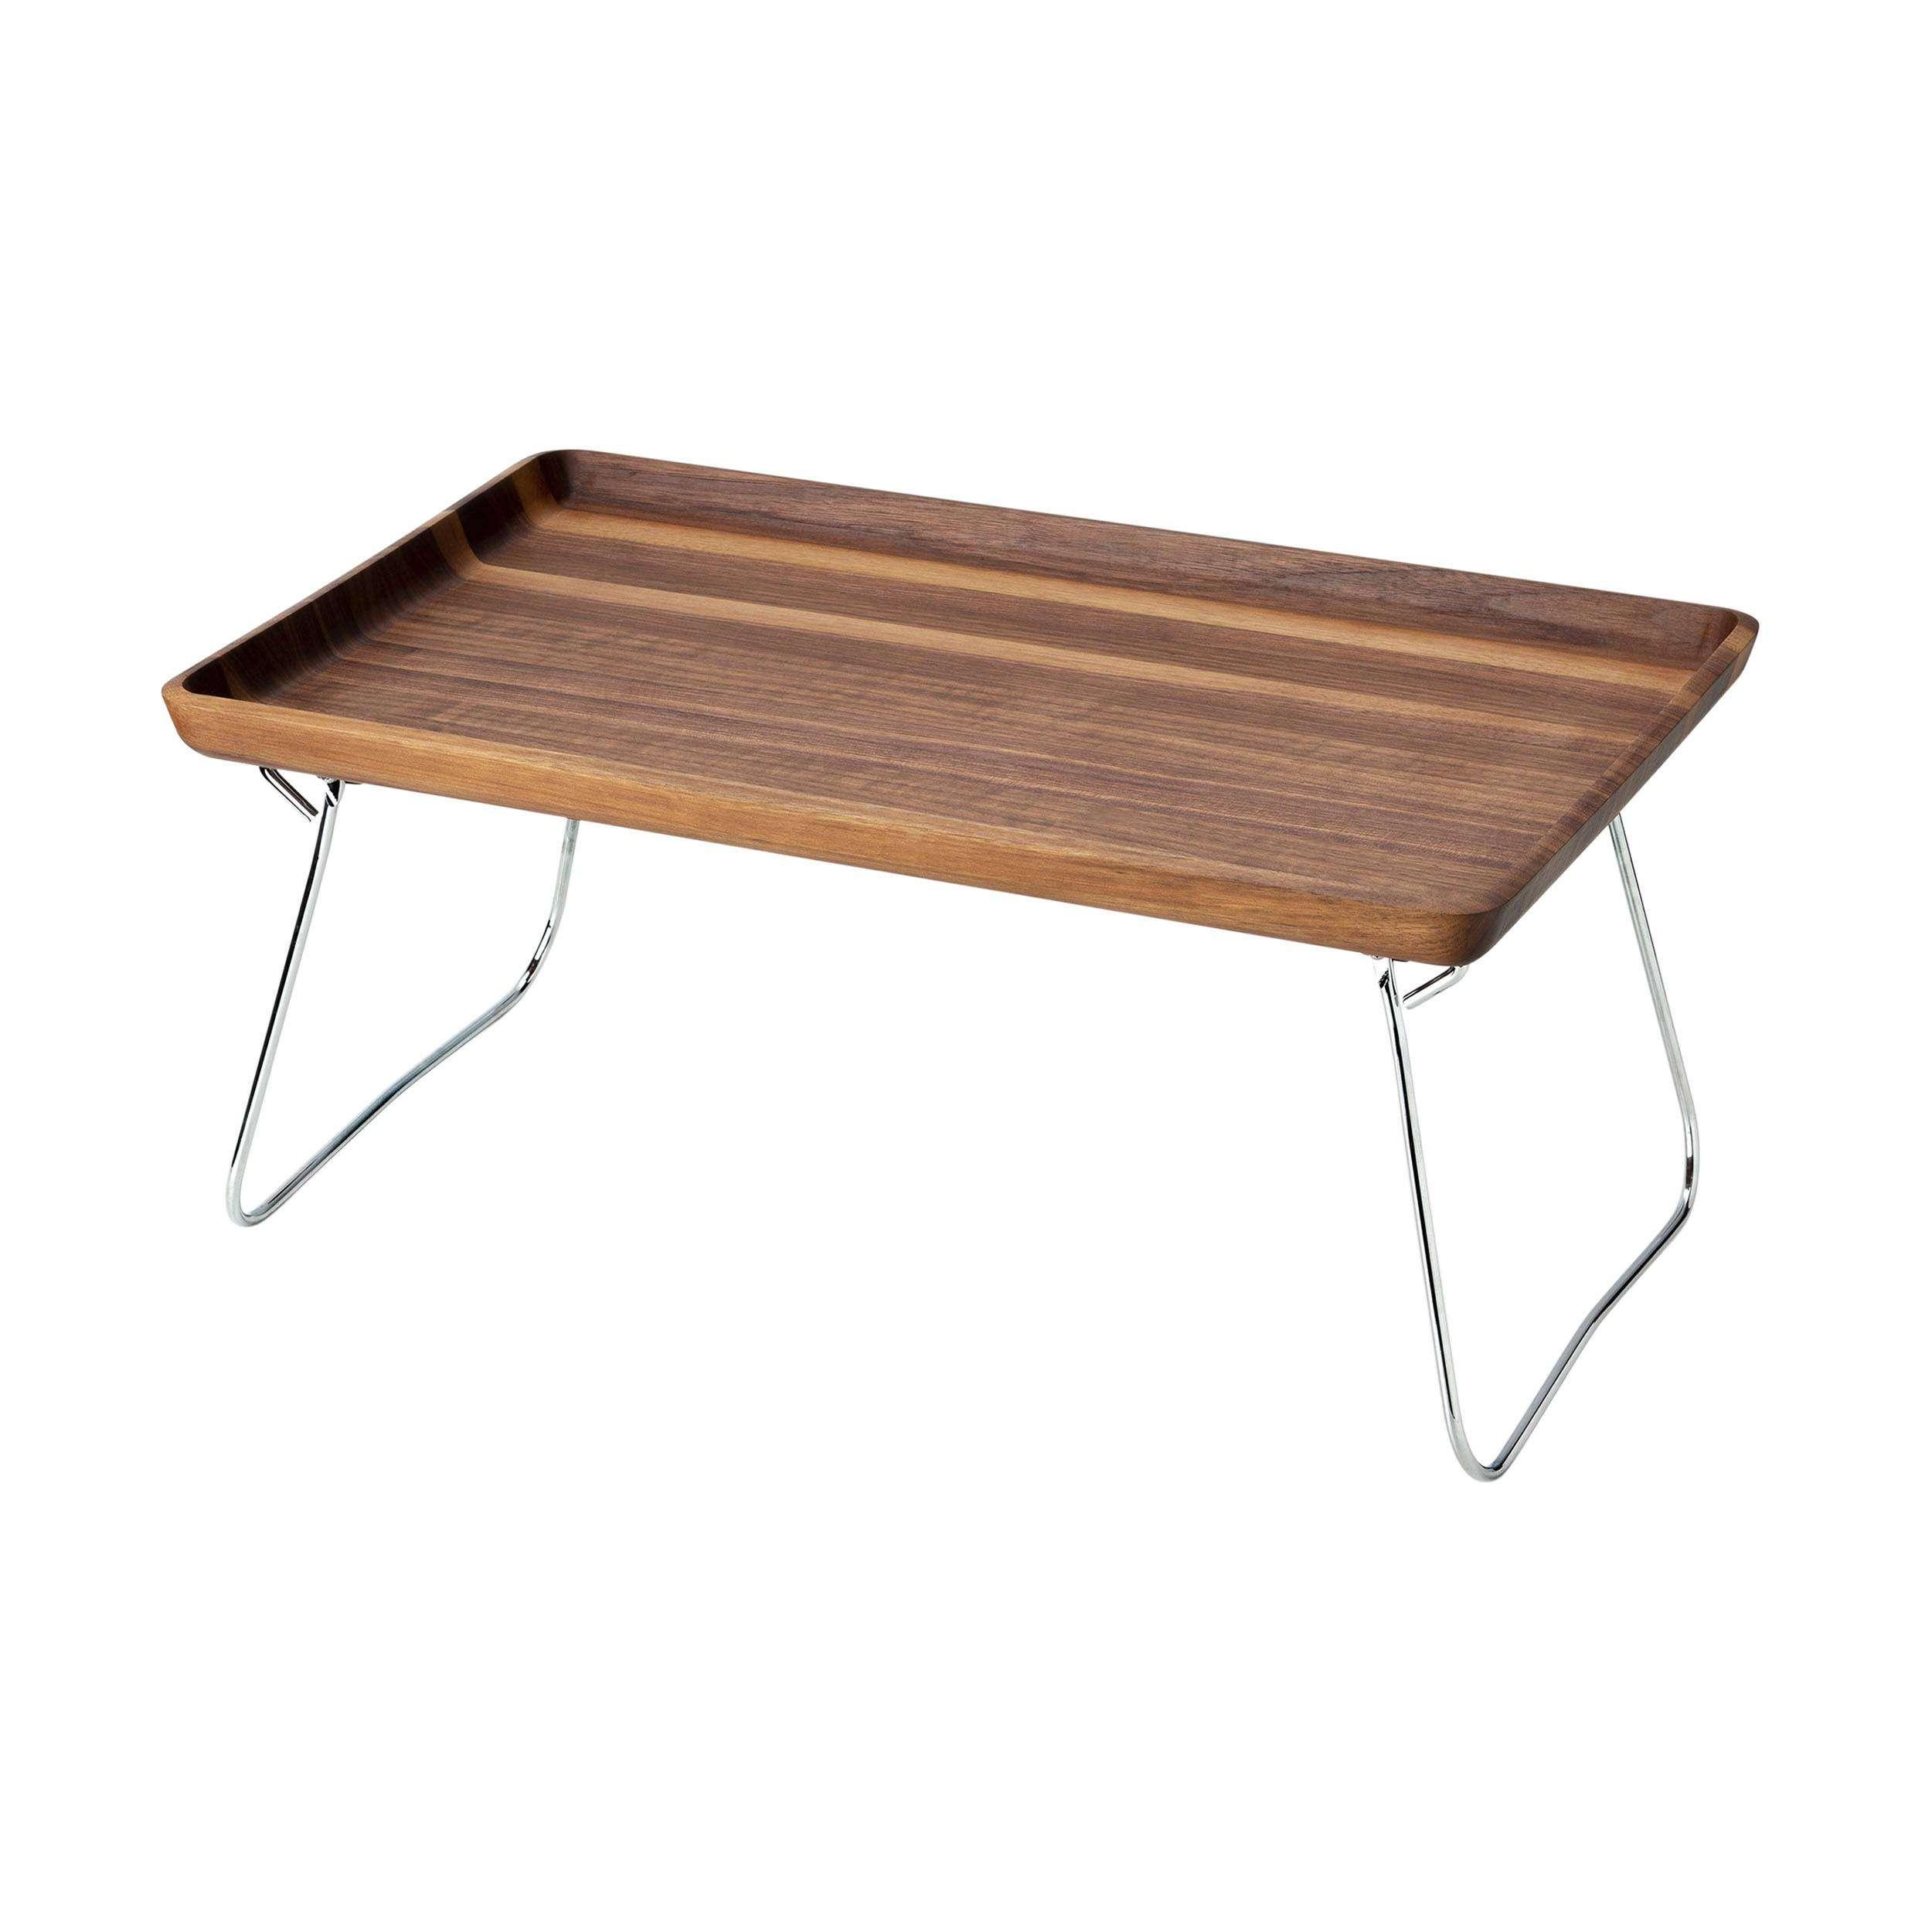 Full Size of Ikea Pappbett Bett Ausklappbar Zum Doppelbett Tablett Wei Preisvergleich Besten Betten 160x200 Miniküche Küche Kosten Kaufen Modulküche Bei Sofa Mit Wohnzimmer Pappbett Ikea